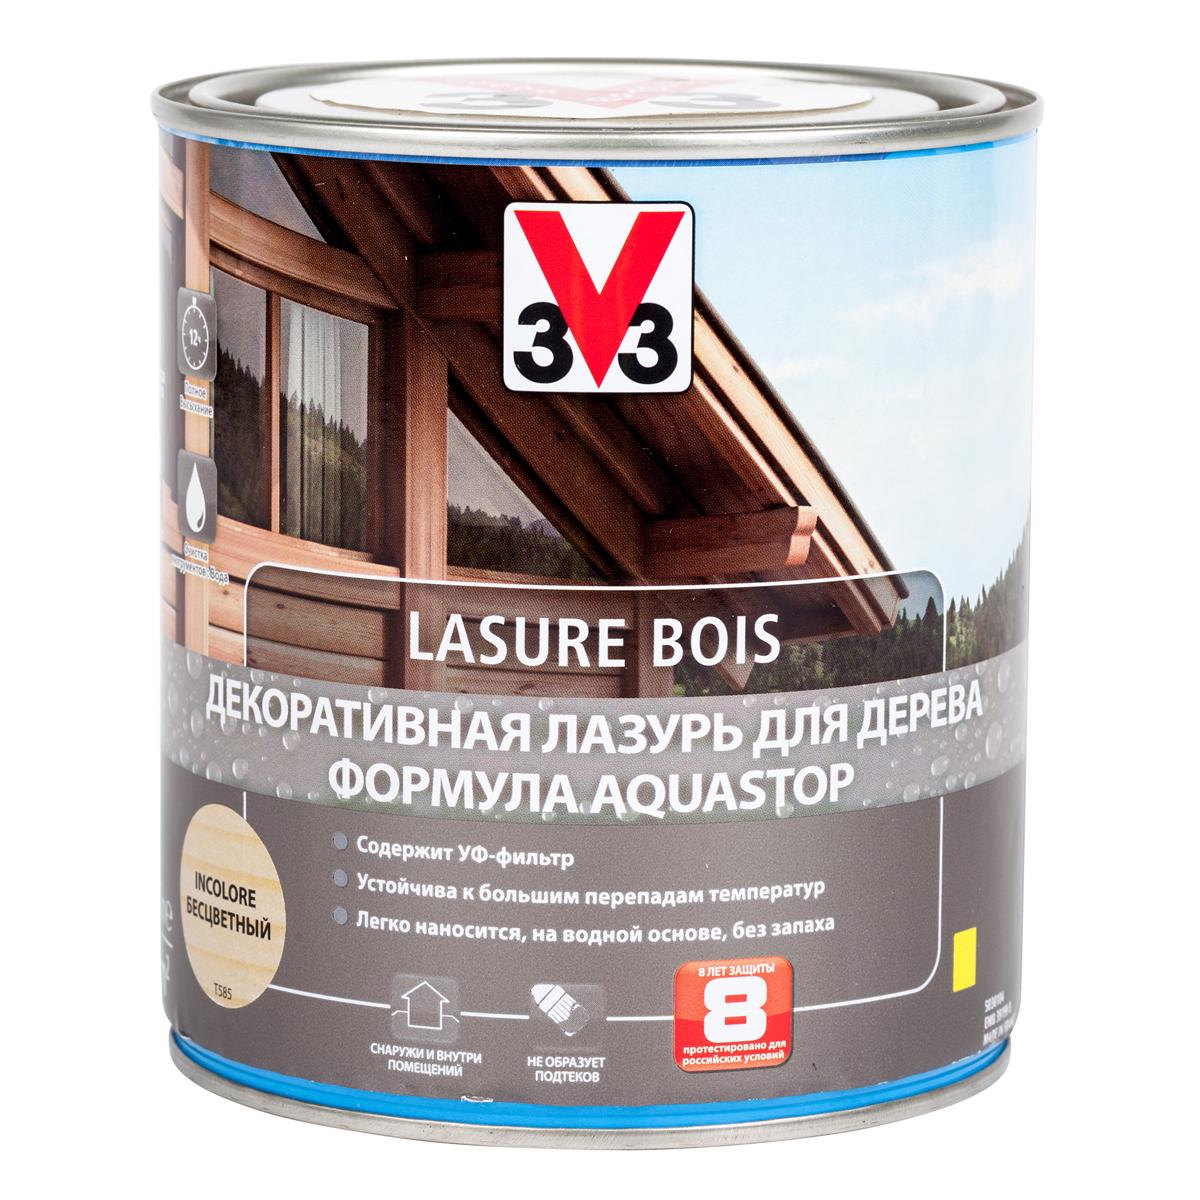 """Лазурь для дерева декоративная V33 """"Aquastop"""", цвет: бесцветный, на водной основе, 750 мл 107824"""